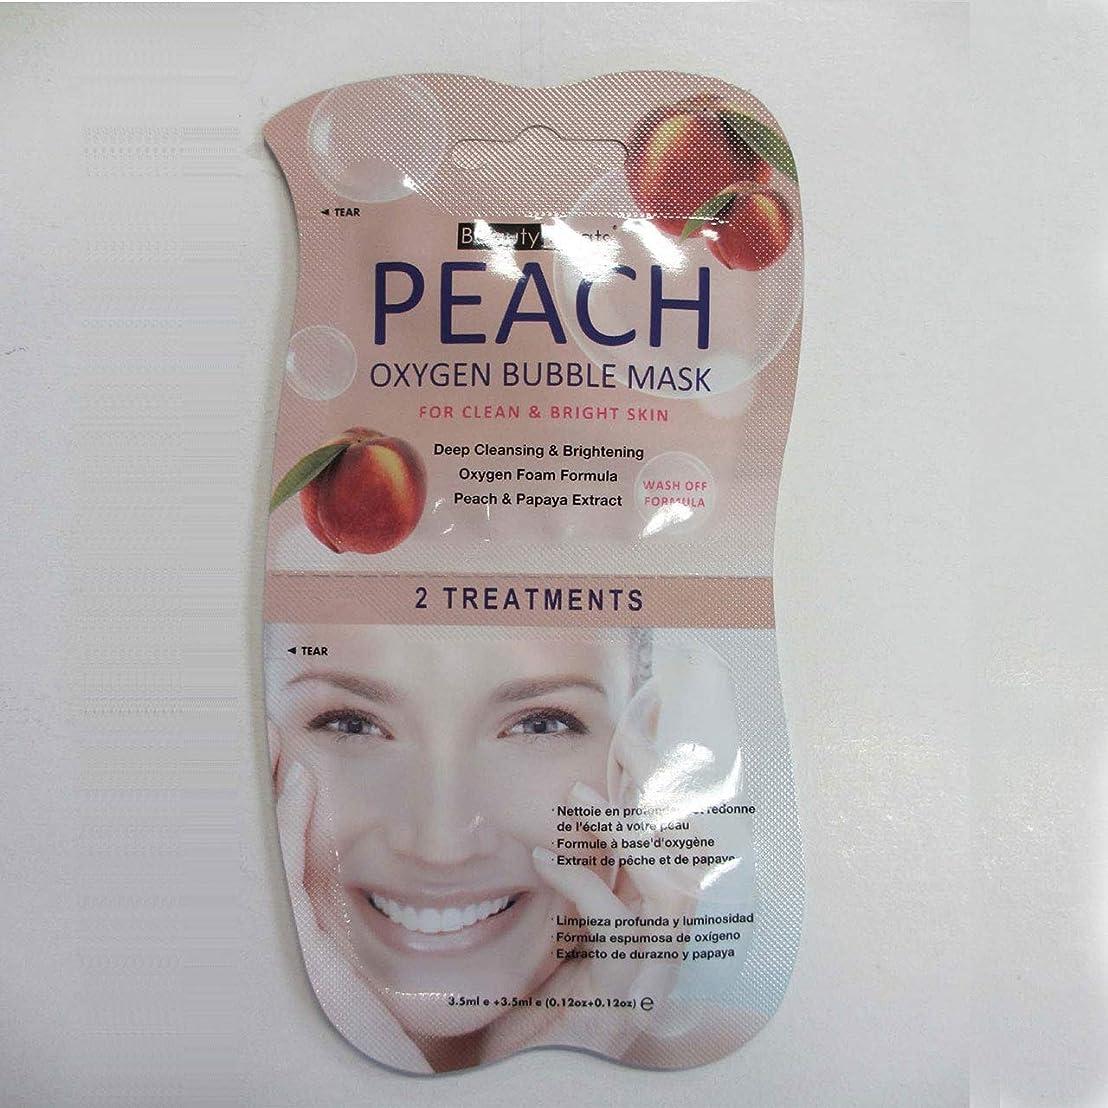 に応じて提出する貧しいBEAUTY TREATS Peach Oxygen Bubble Mask Peach (並行輸入品)